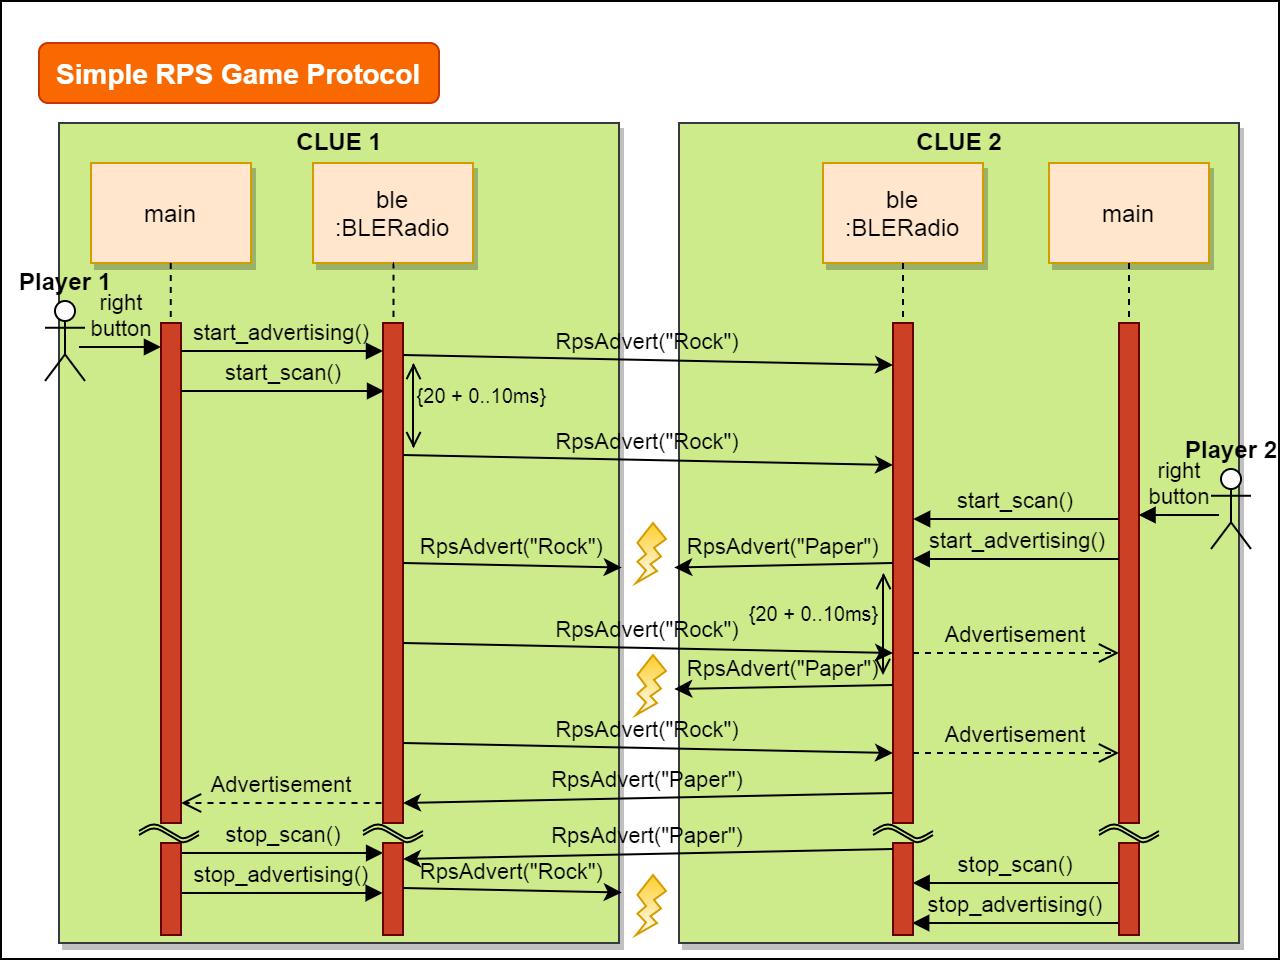 circuitpython_simple-rpsgame-protocol-v3.png